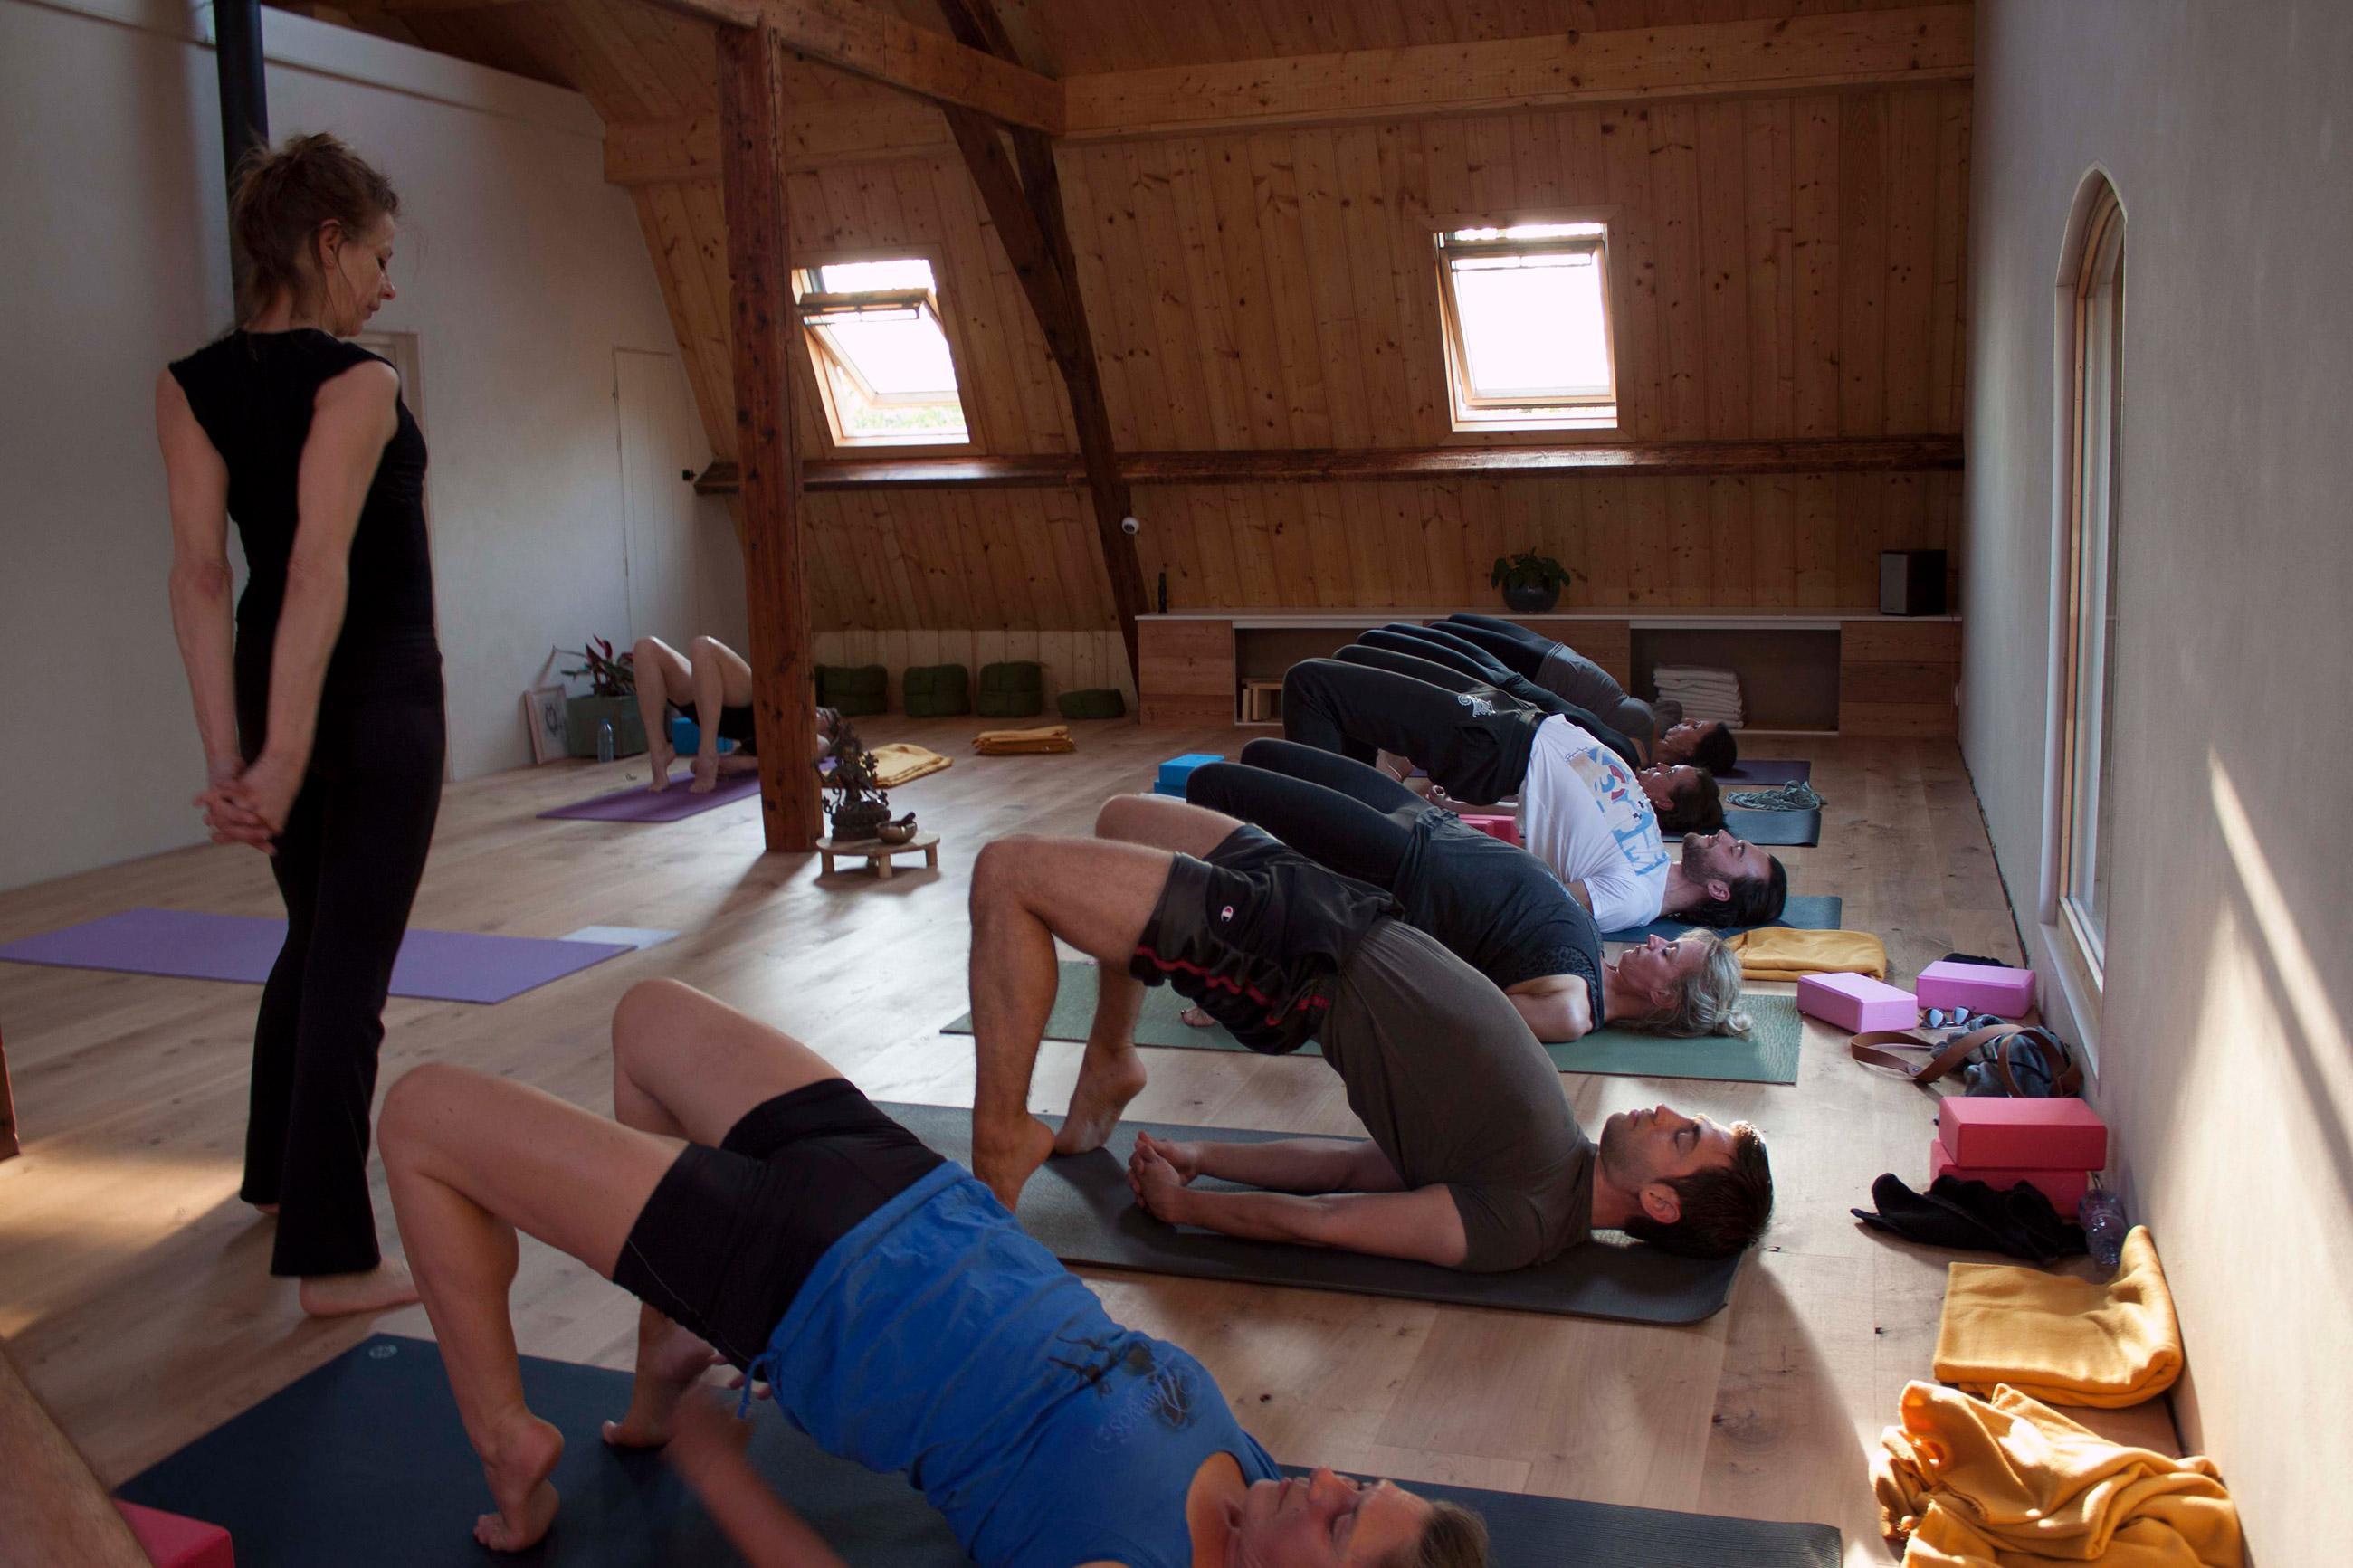 Yogalicht: Yogalicht geeft les in Nijmegen, Beek, Lent, Oosterhout of op locatie